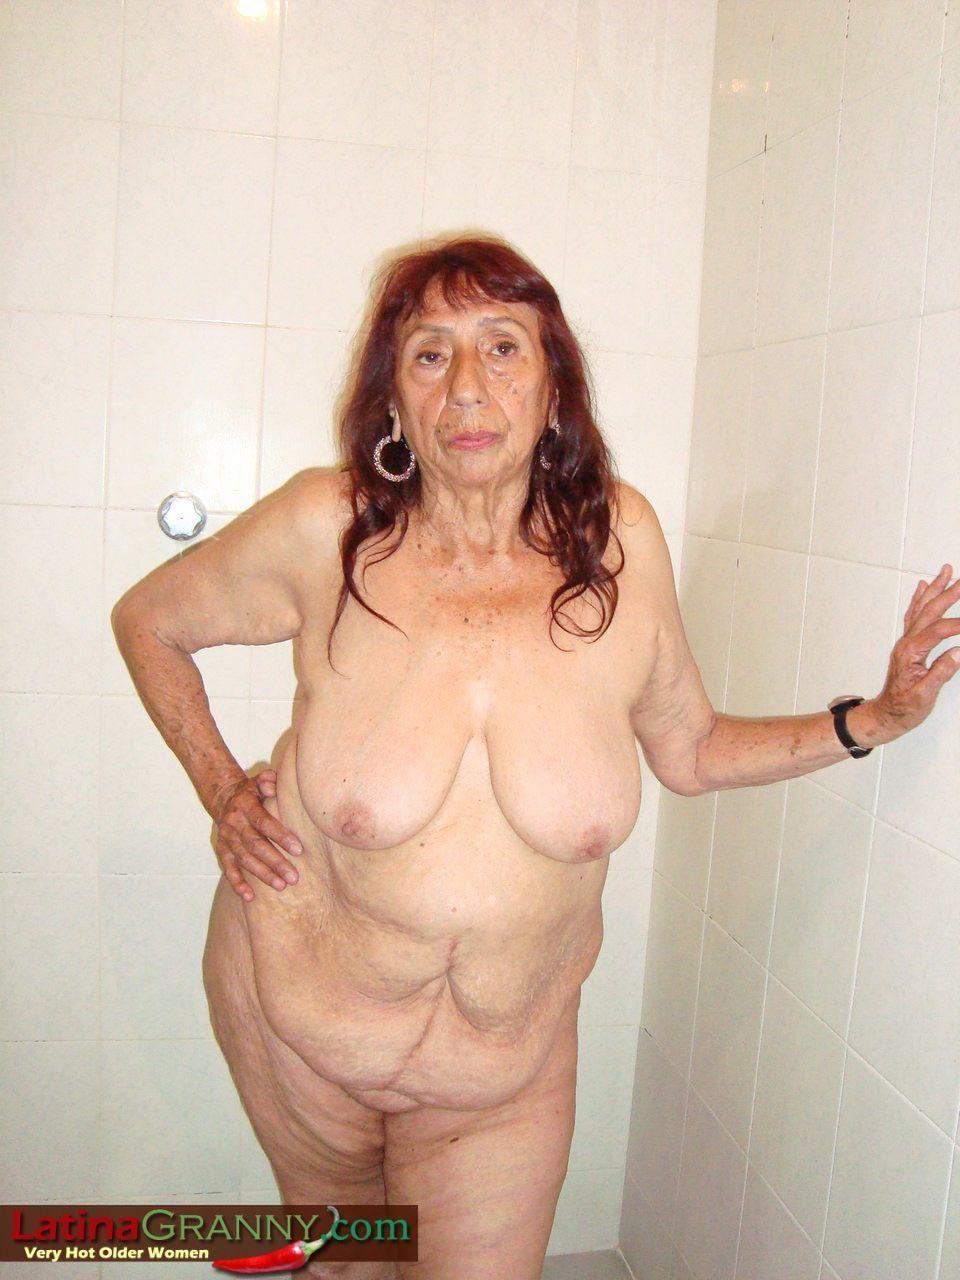 Mature big tits latina granny Granny Latina Tits Pics And Galleries Comments 1